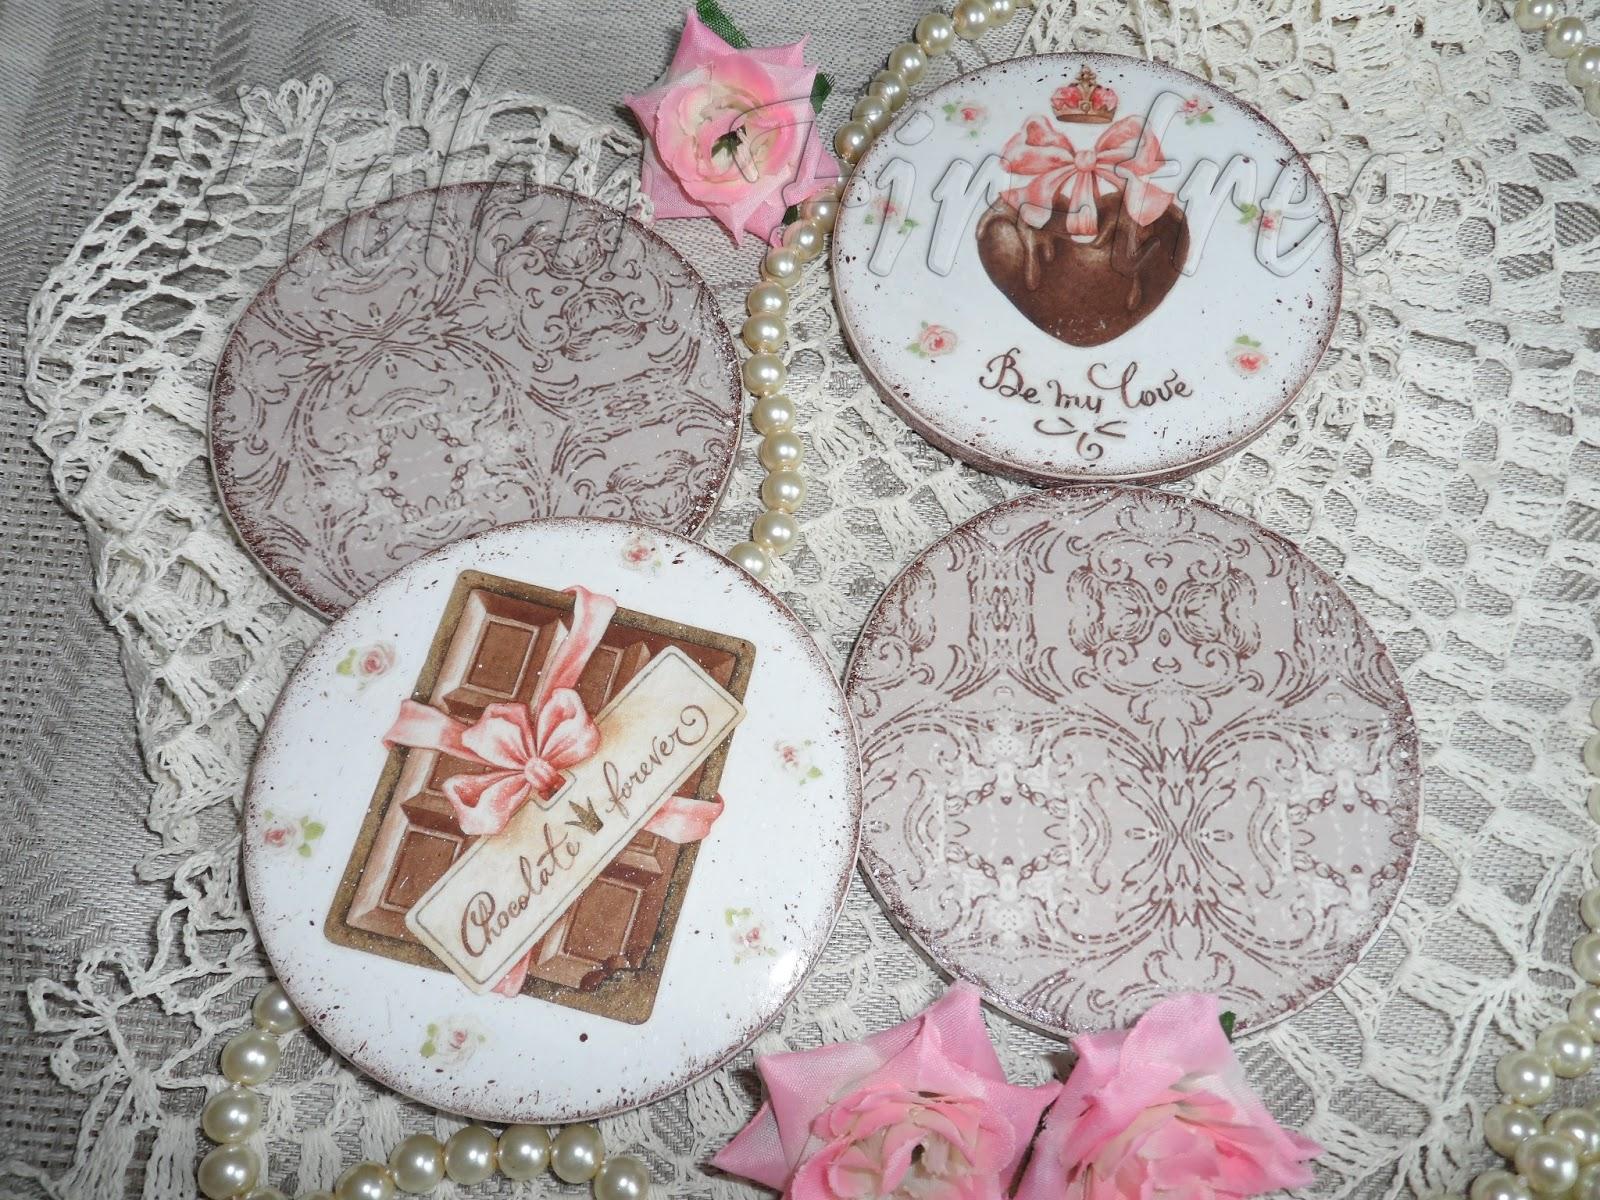 """Helen Fir-tree декупаж комплект """"Шоколадное настроение"""" decoupage set """"Chocolate Mood"""""""